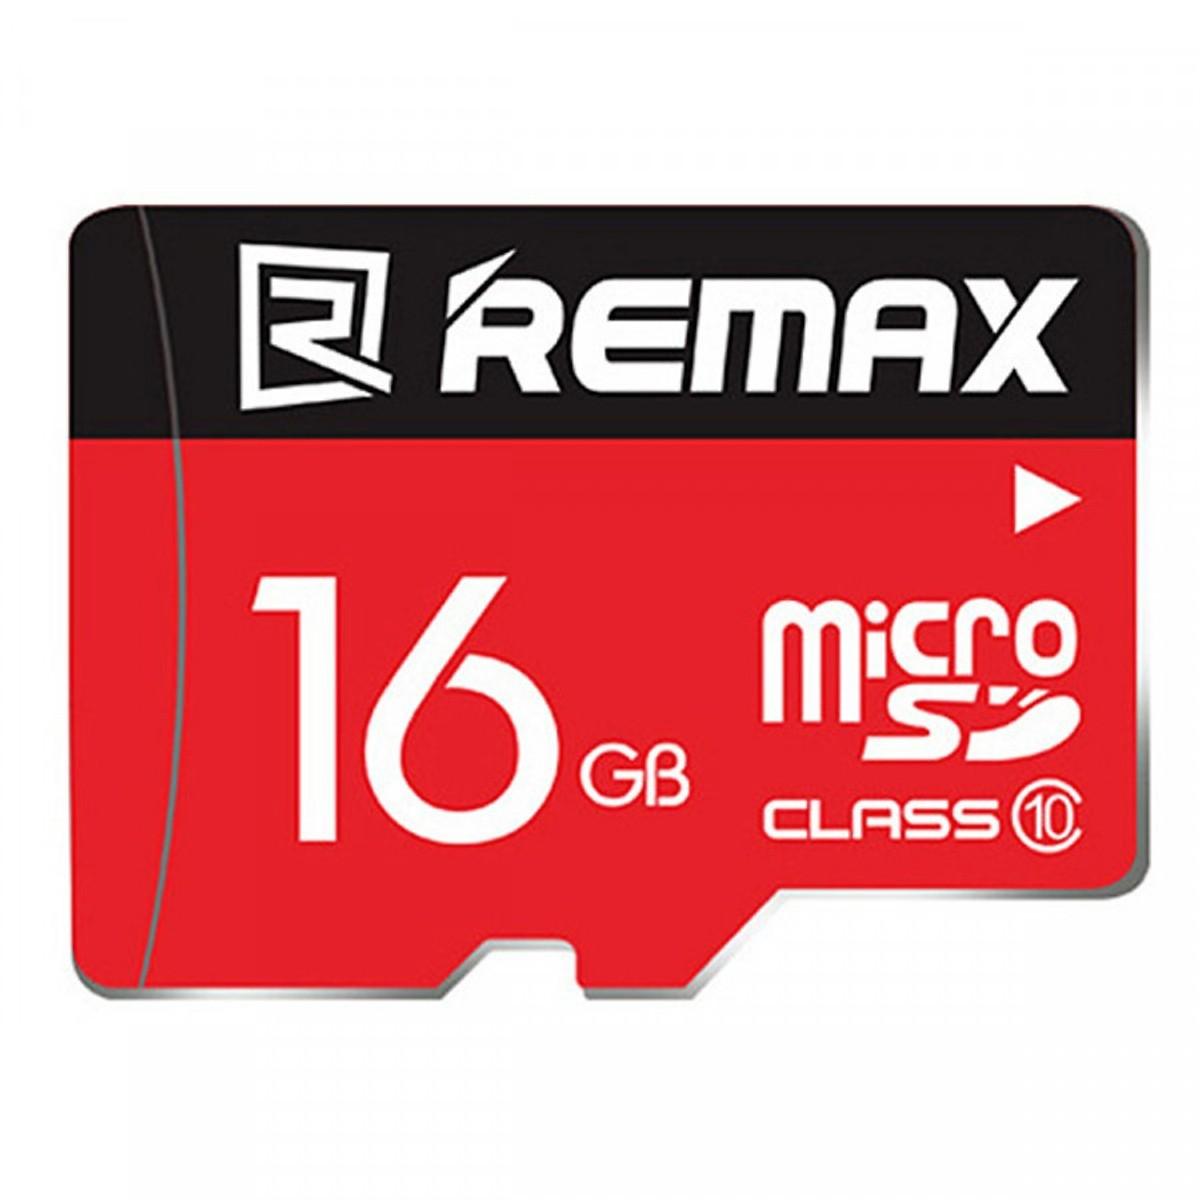 Hoco   Thẻ nhớ   Thẻ Nhớ Remax 16GB